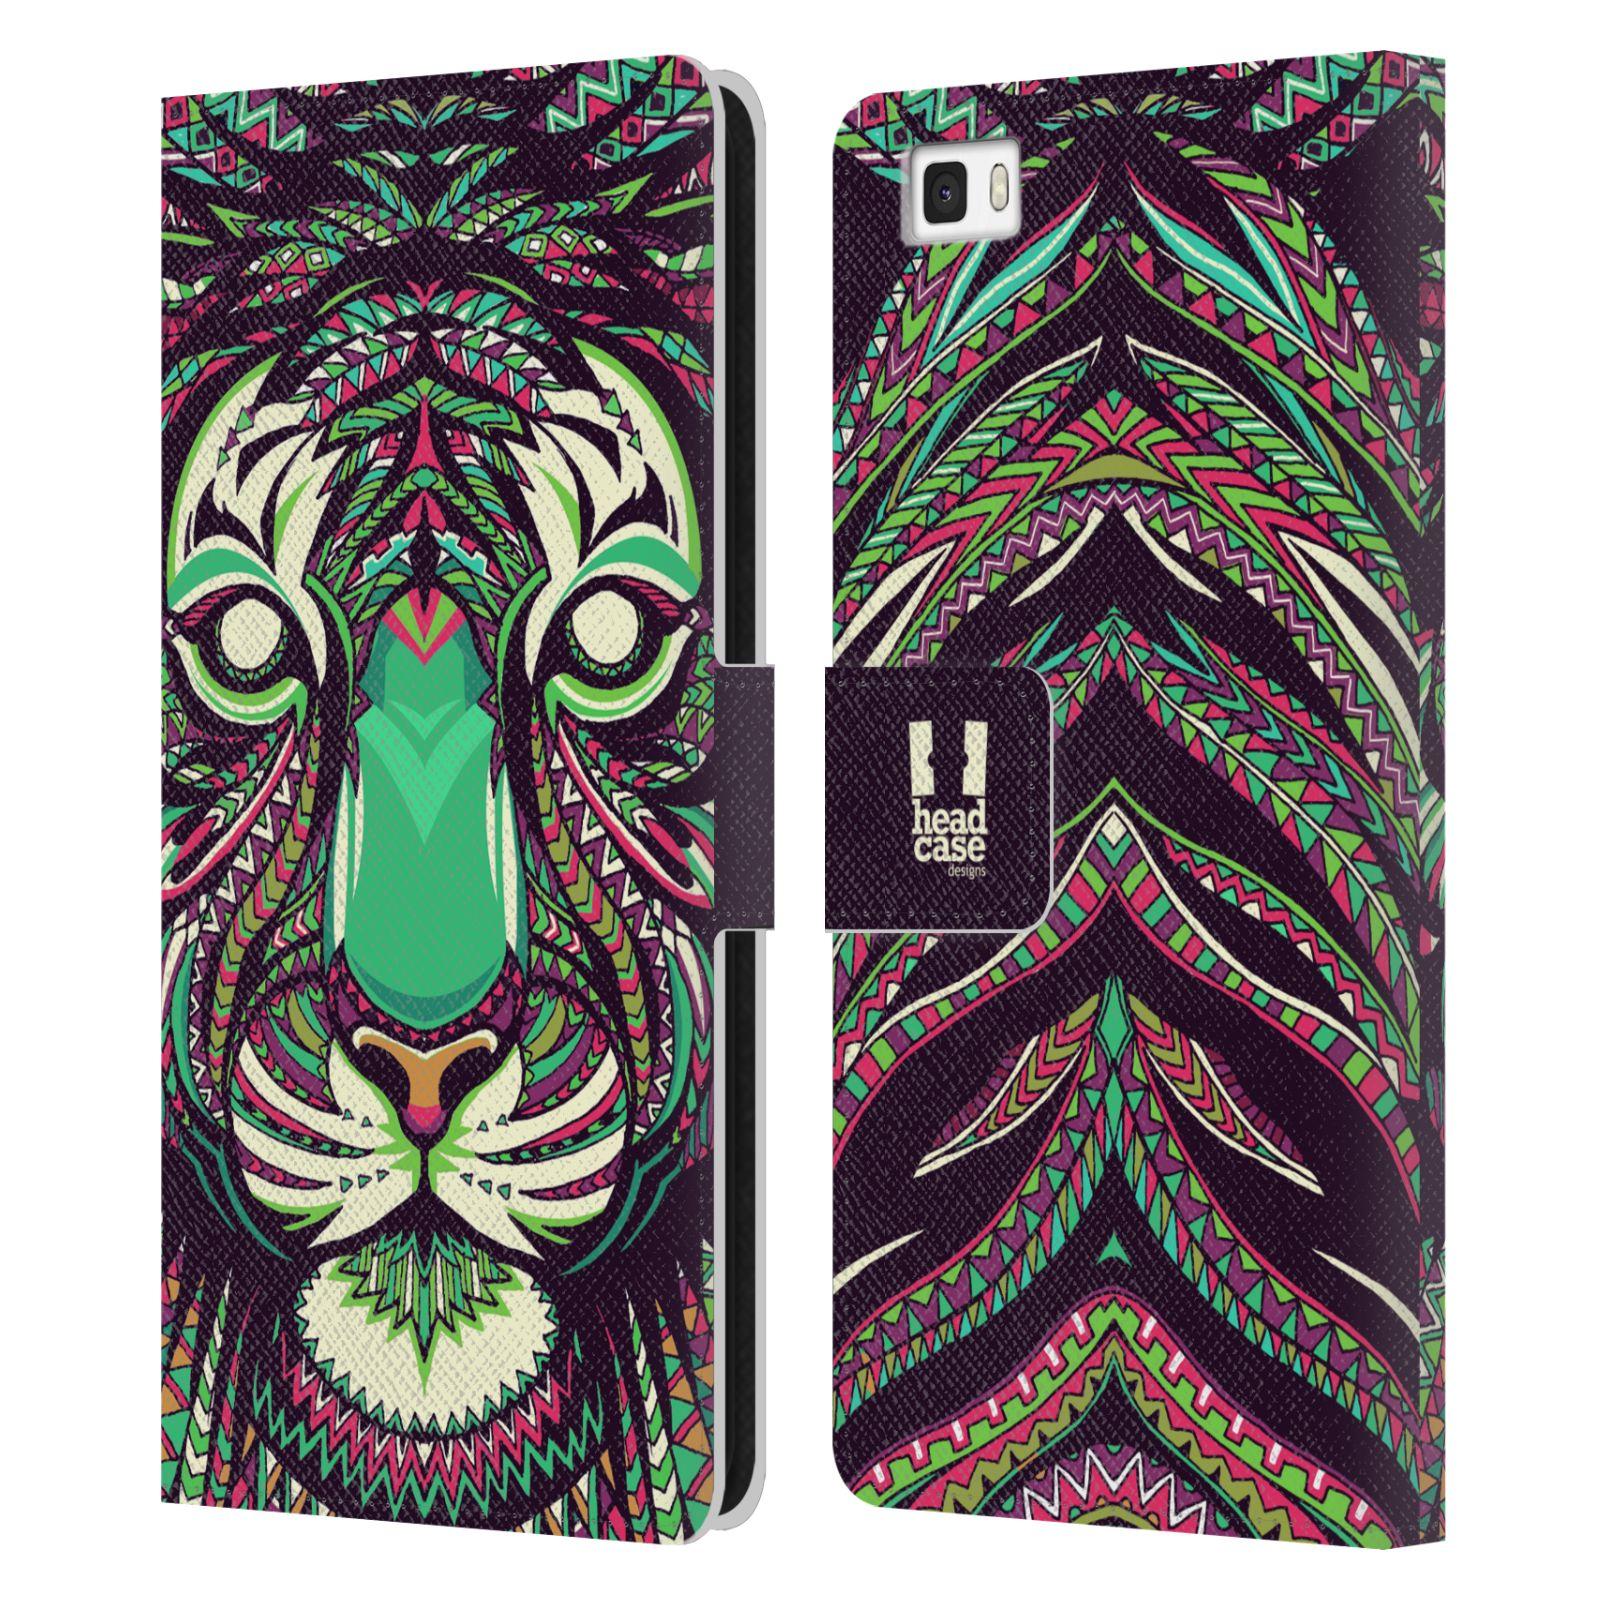 Pouzdro na mobil Huawei P8 Lite - Head Case - Aztécký vzor tygr